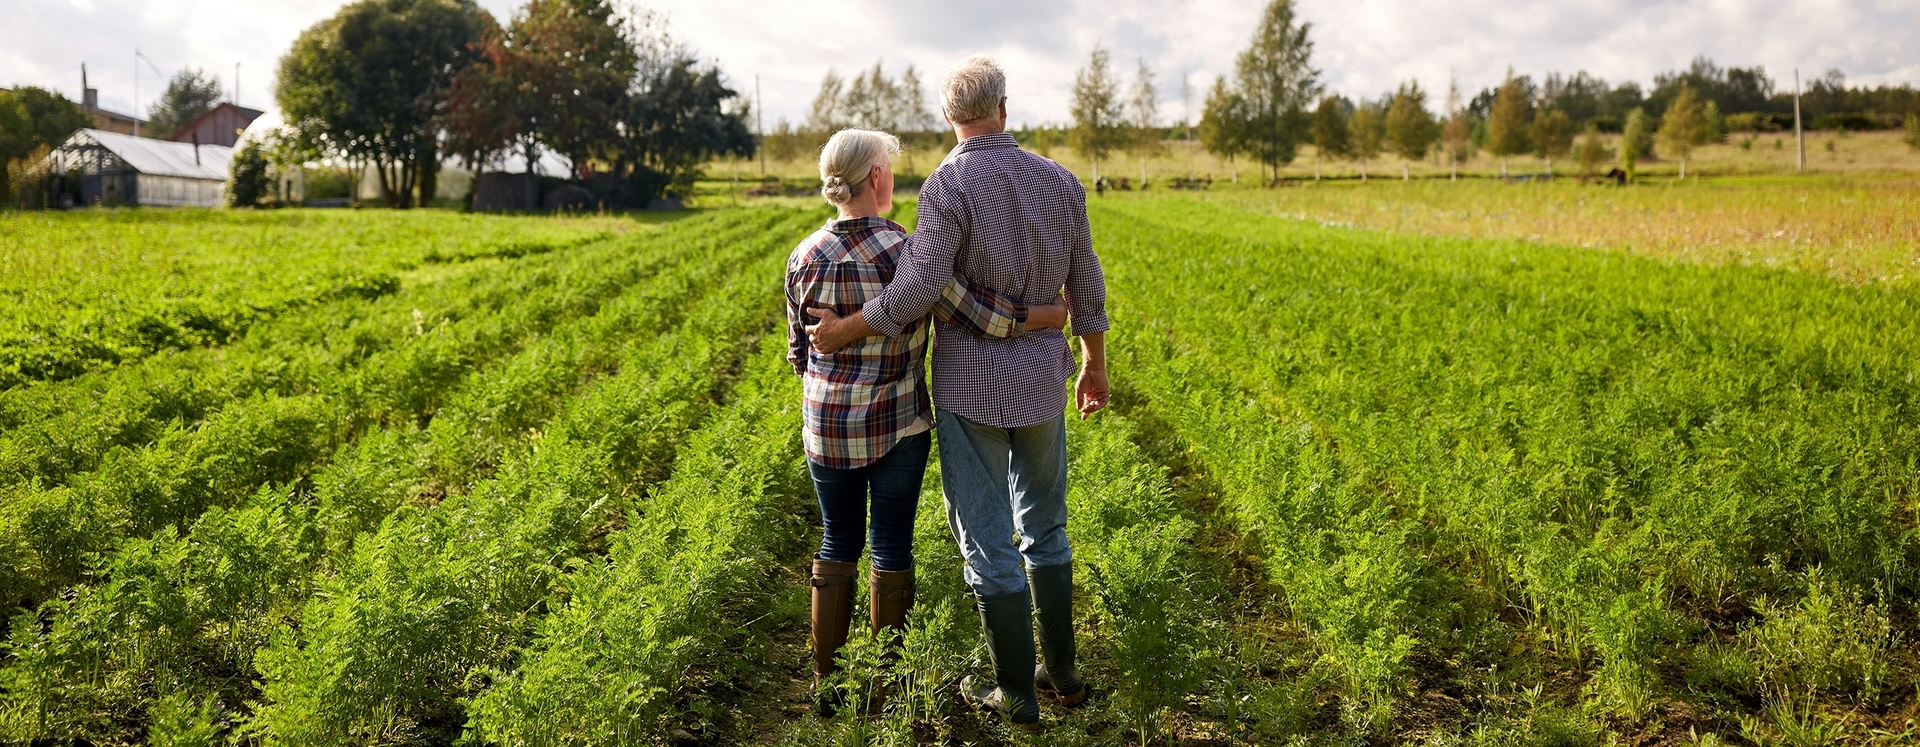 Ehepaar betrachten ein Feld